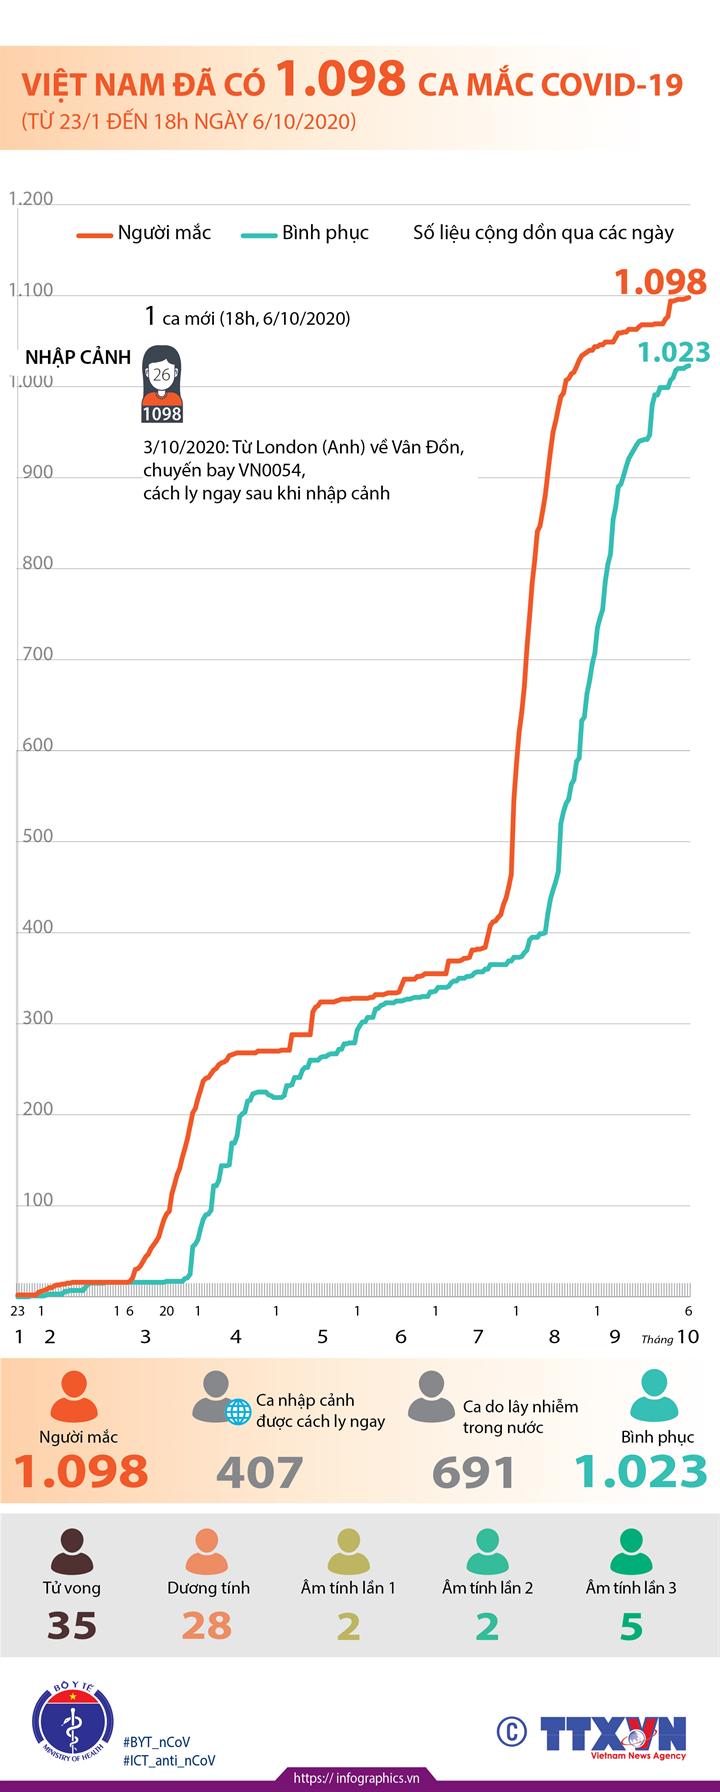 Việt Nam đã có 1.098 ca mắc COVID-19 (từ 23/1 đến 18h ngày 6/10/2020)